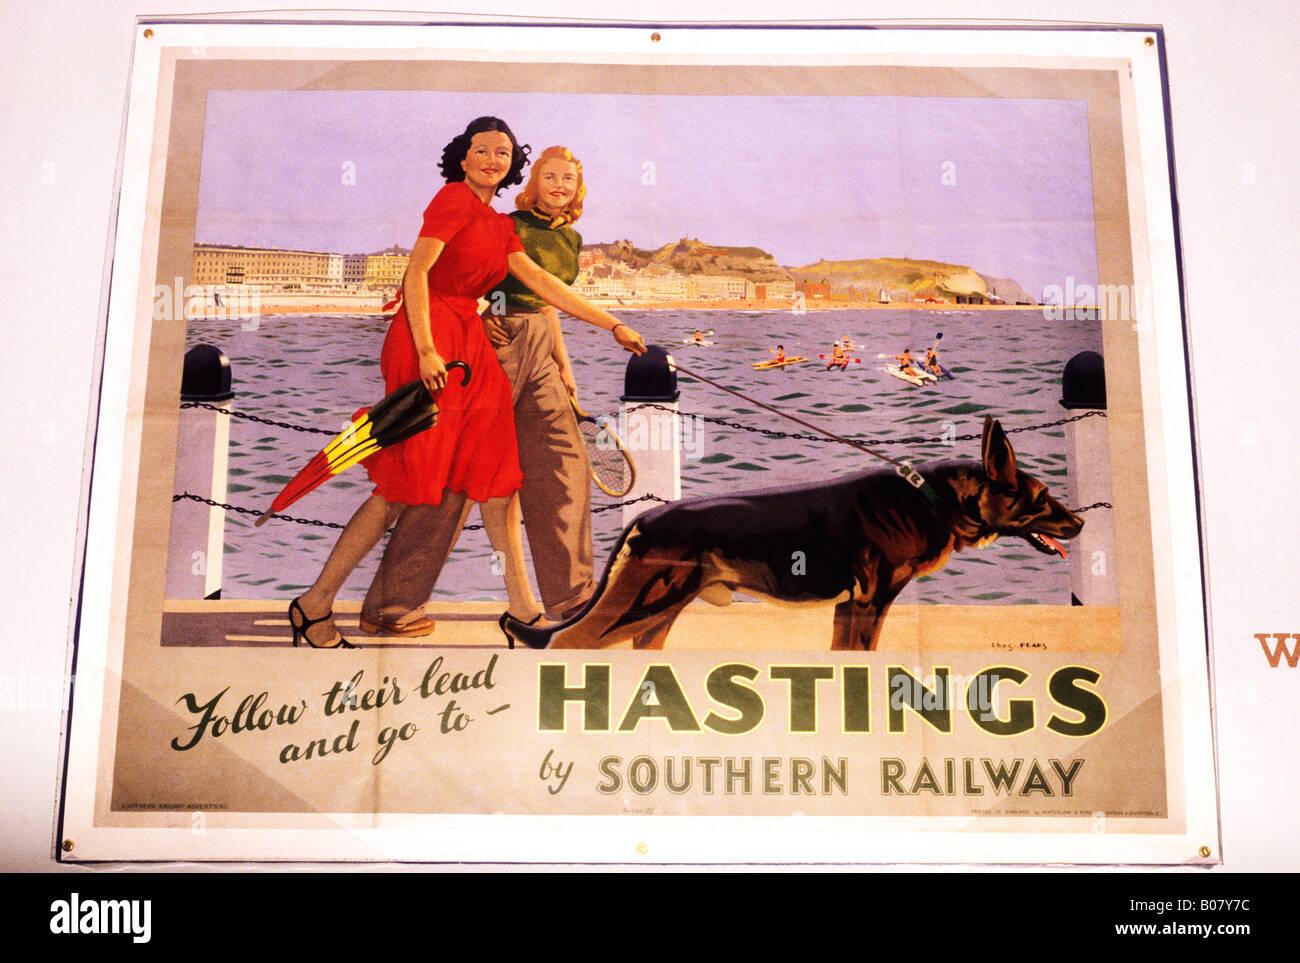 Cartel de publicidad de Hastings 1934 30's 1930 Southern Railway vacaciones publicidad señoras paseando Imagen De Stock